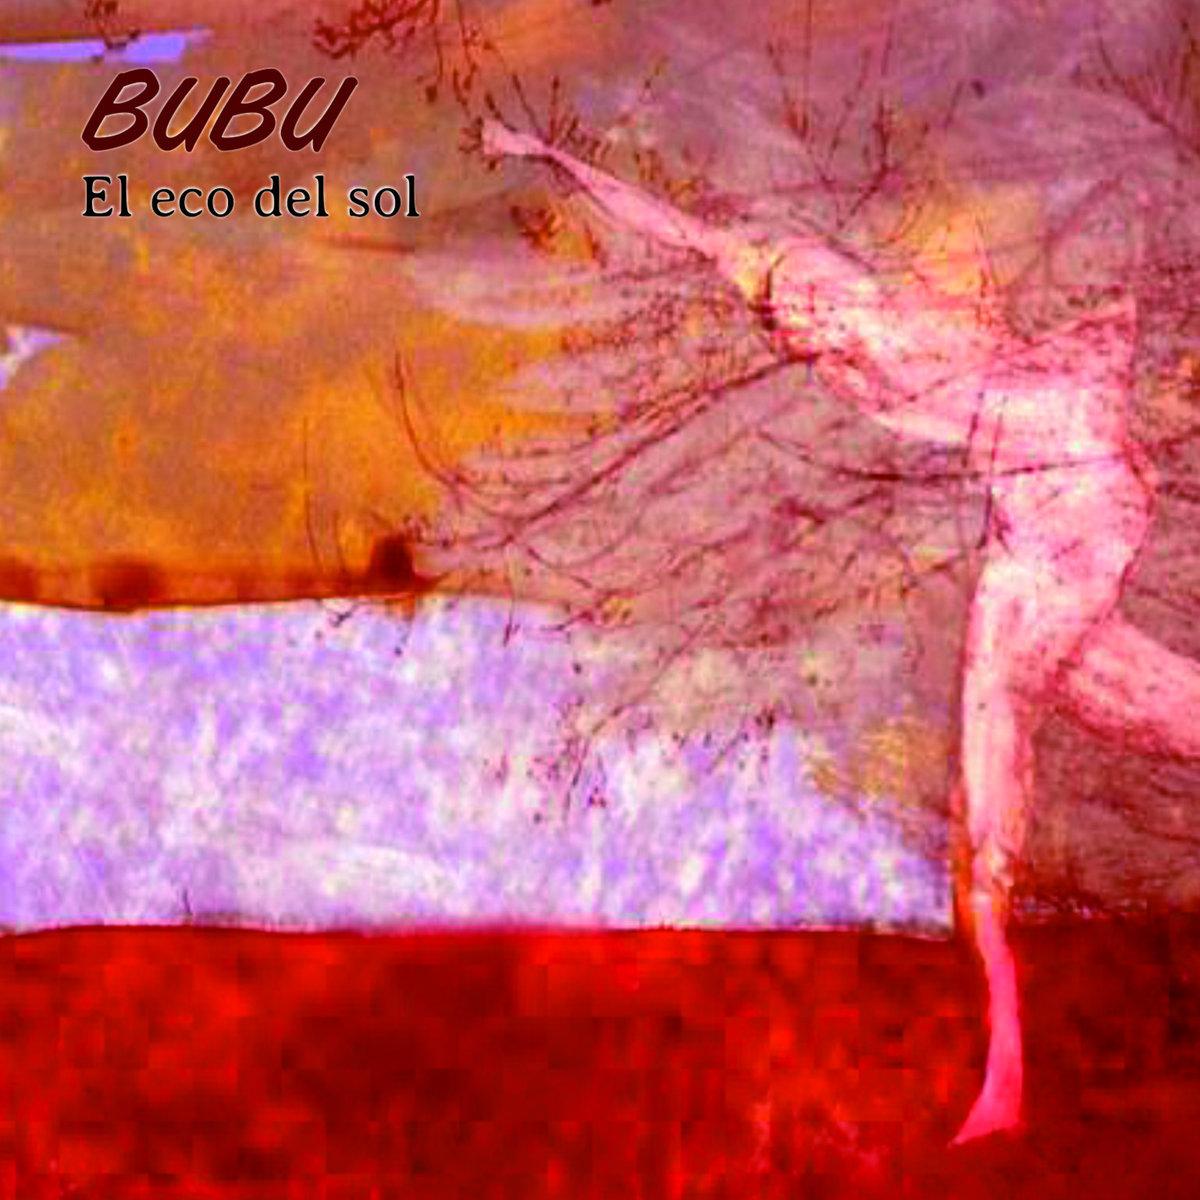 Bubu: El eco del sol 【予約受付中】